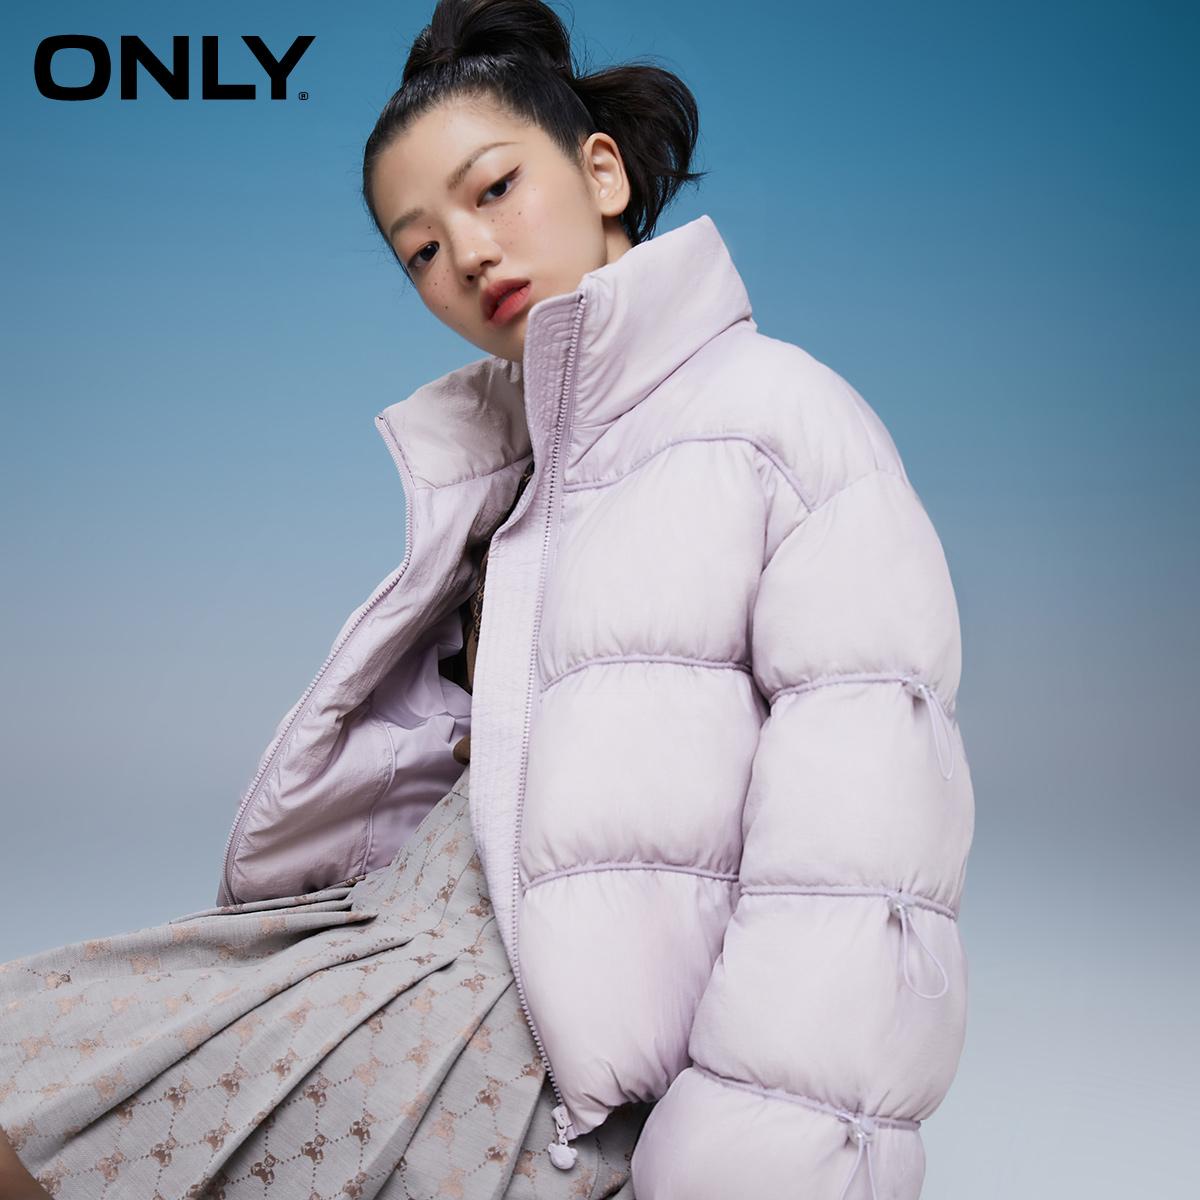 【双11预售】ONLY2021短款高领调节抽绳泡芙羽绒服女|121423002